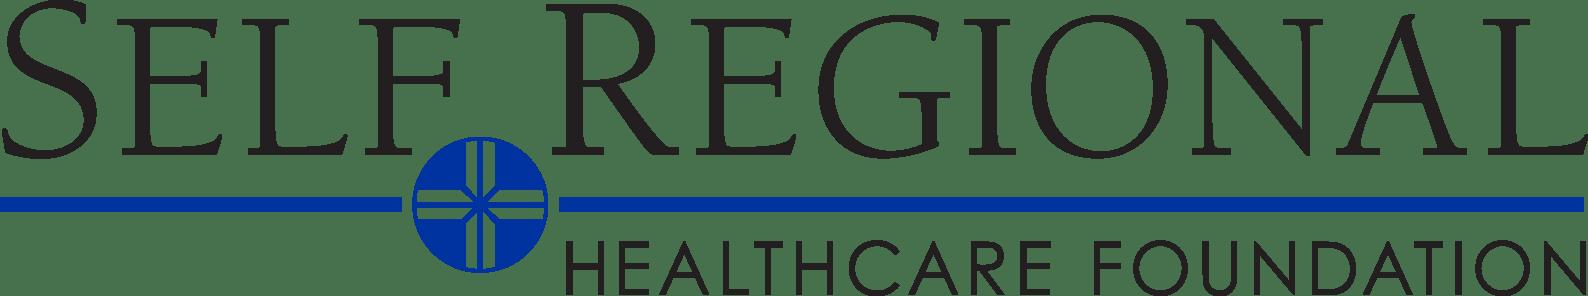 SRH Foundation Logo - 8.8.2018